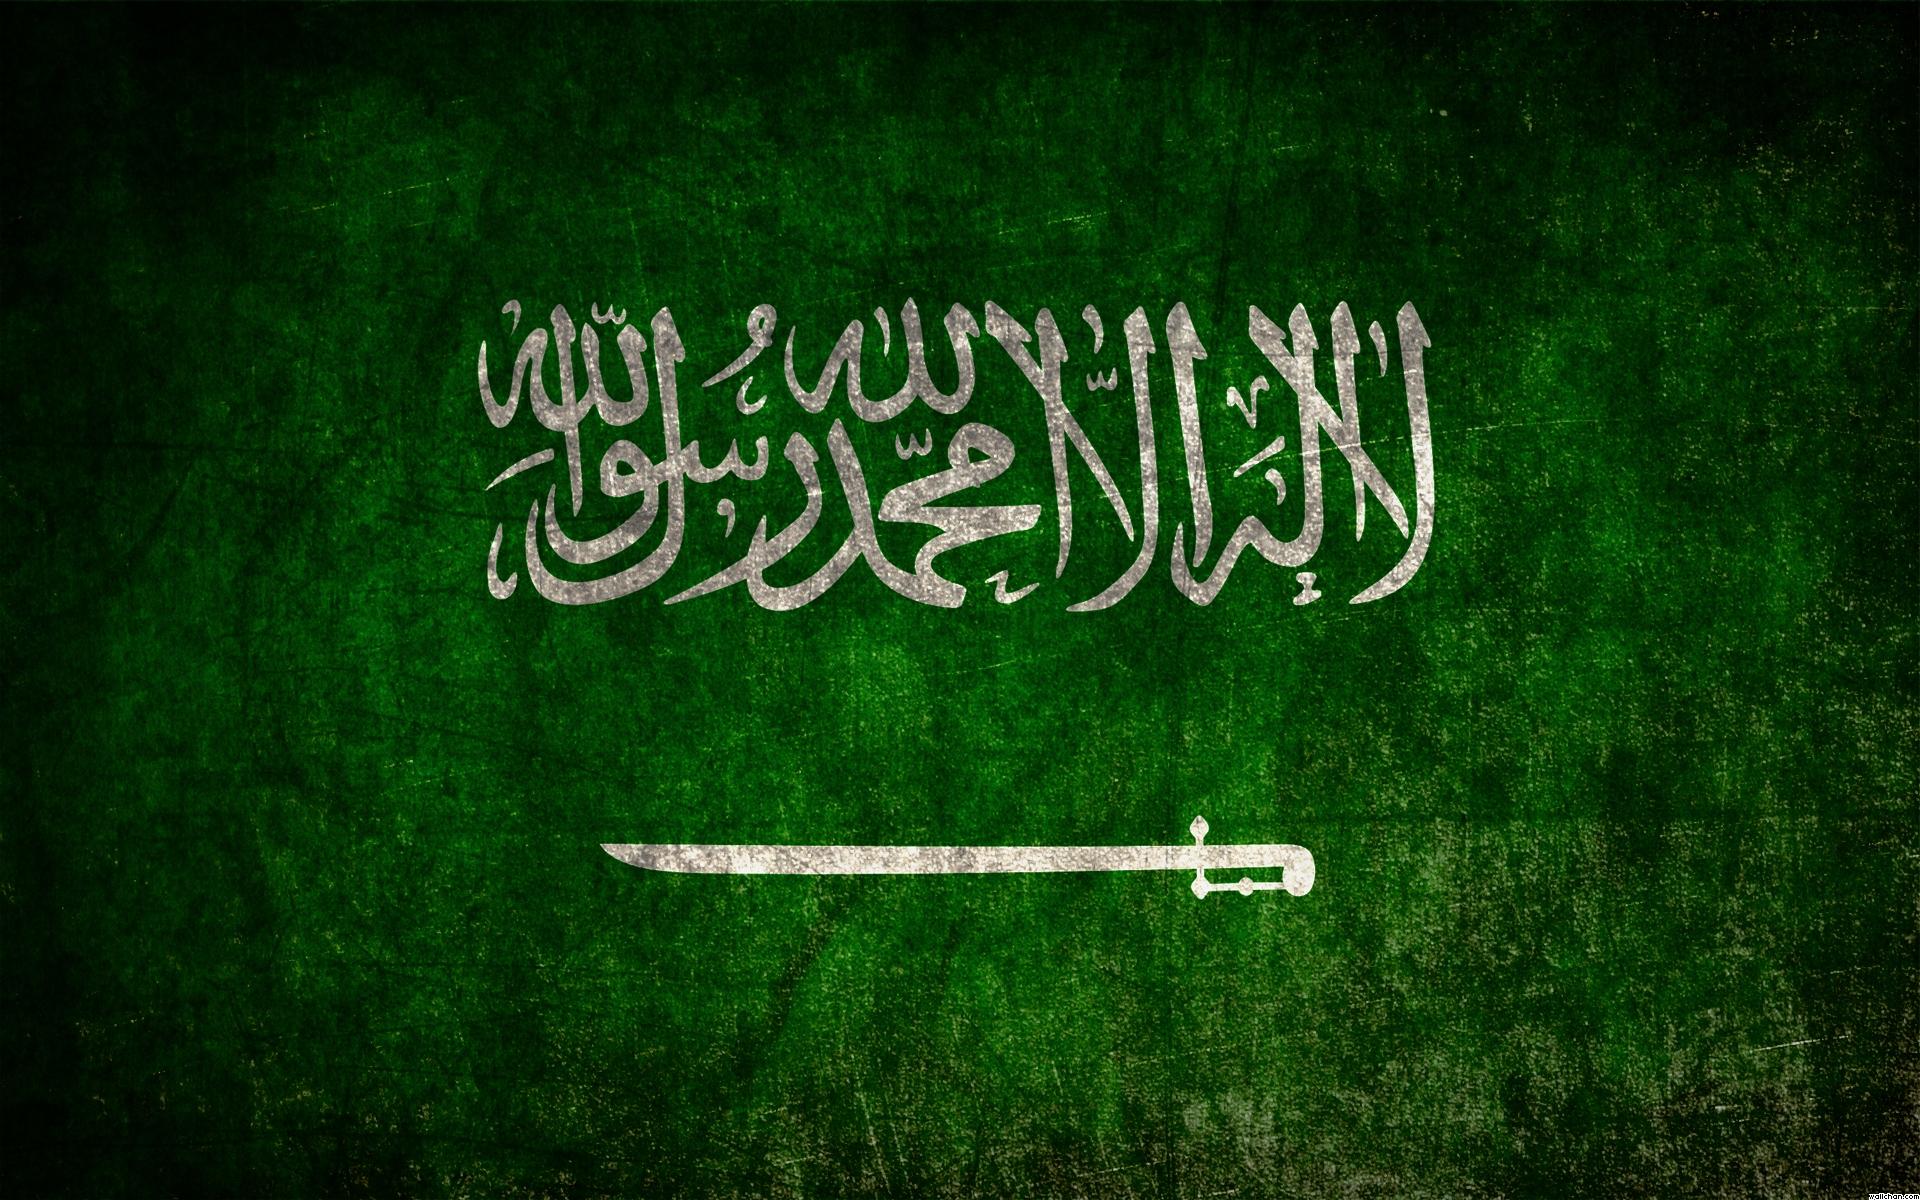 بالصور صور علم السعوديه , اجمل صور لعلم السعودية 444 7